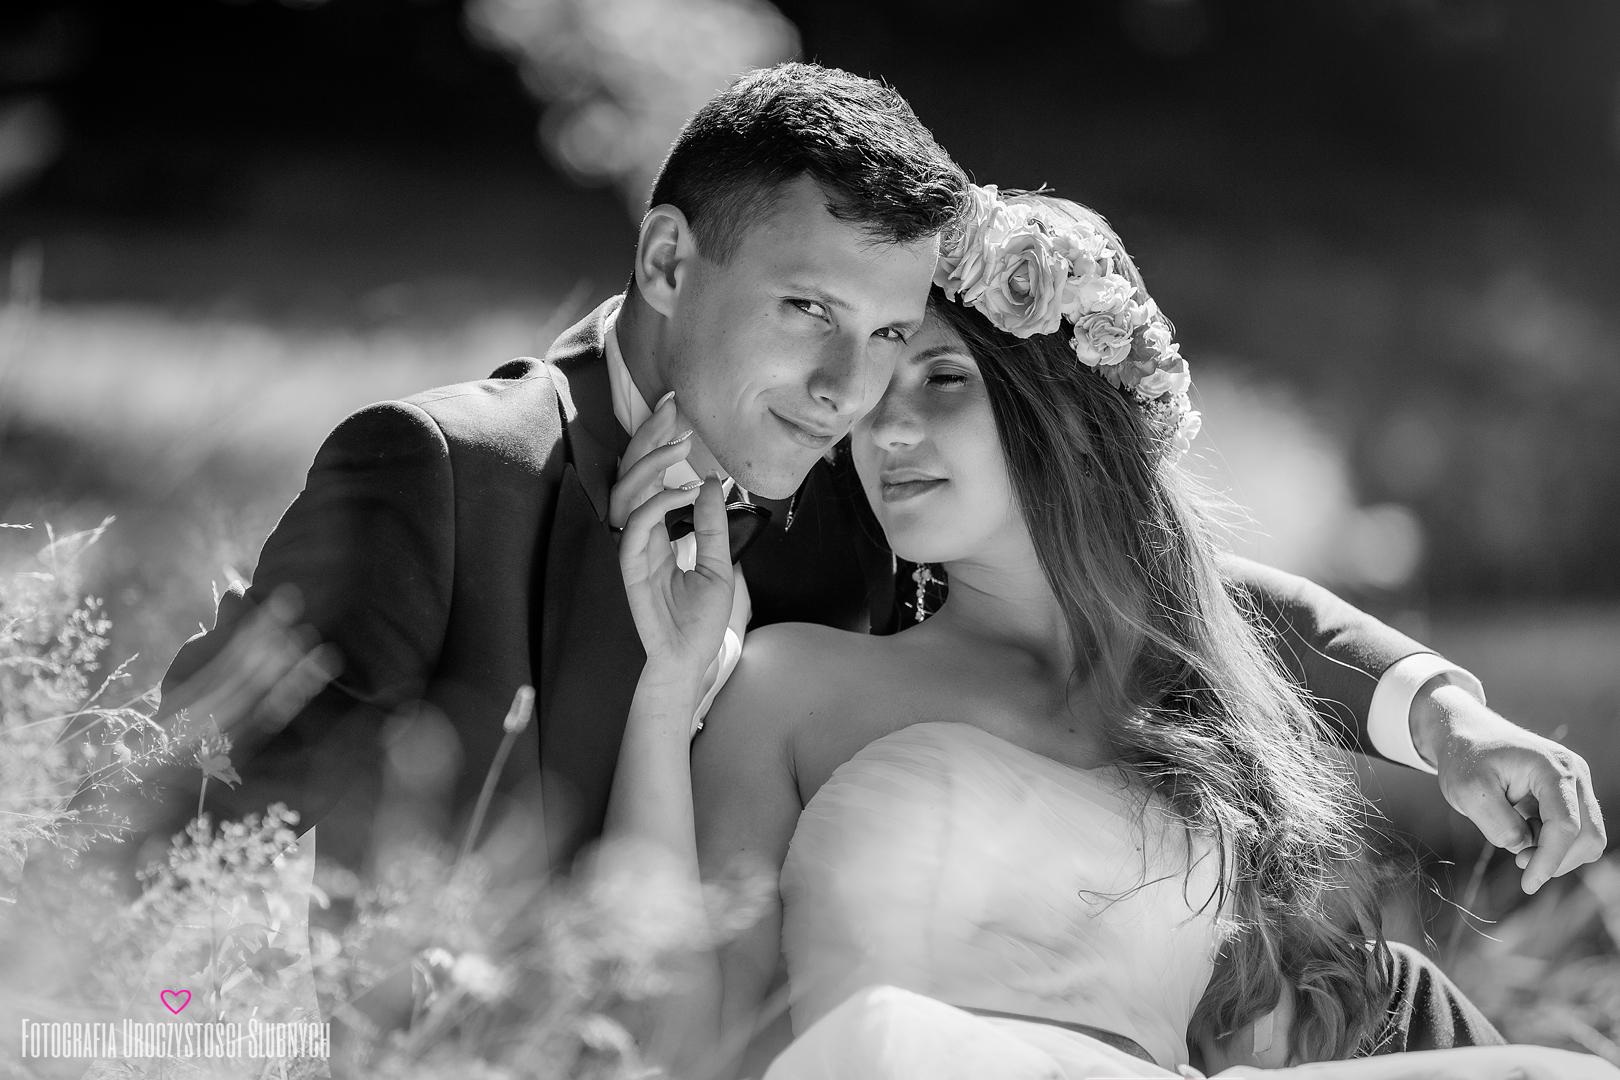 Ślubna sesja plenerowa w Jeleniej Górze. Artystyczna fotografia ślubna - Klaudia Cieplińska. Zdjęcia ślubne Jelenia Góra.